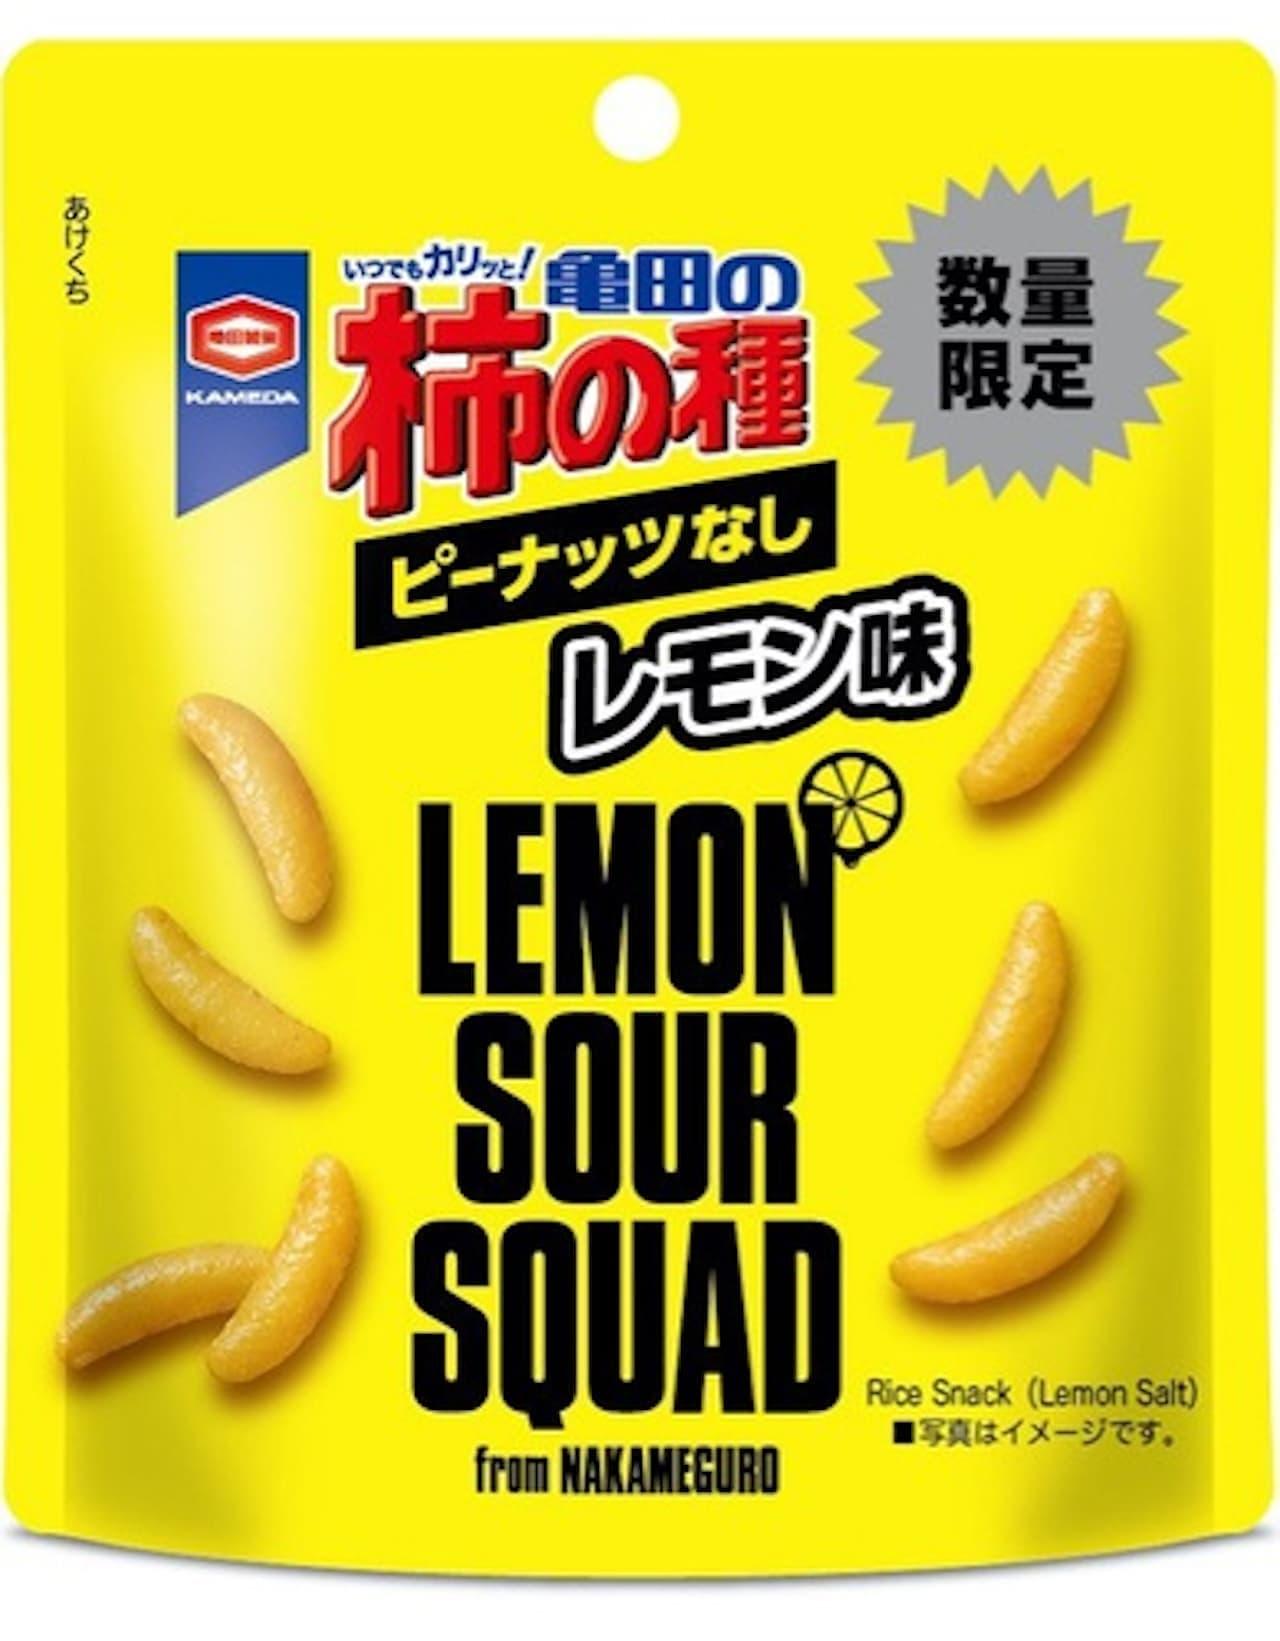 ローソン限定「亀田の柿の種 レモン味」「手塩屋ミニ レモン味」